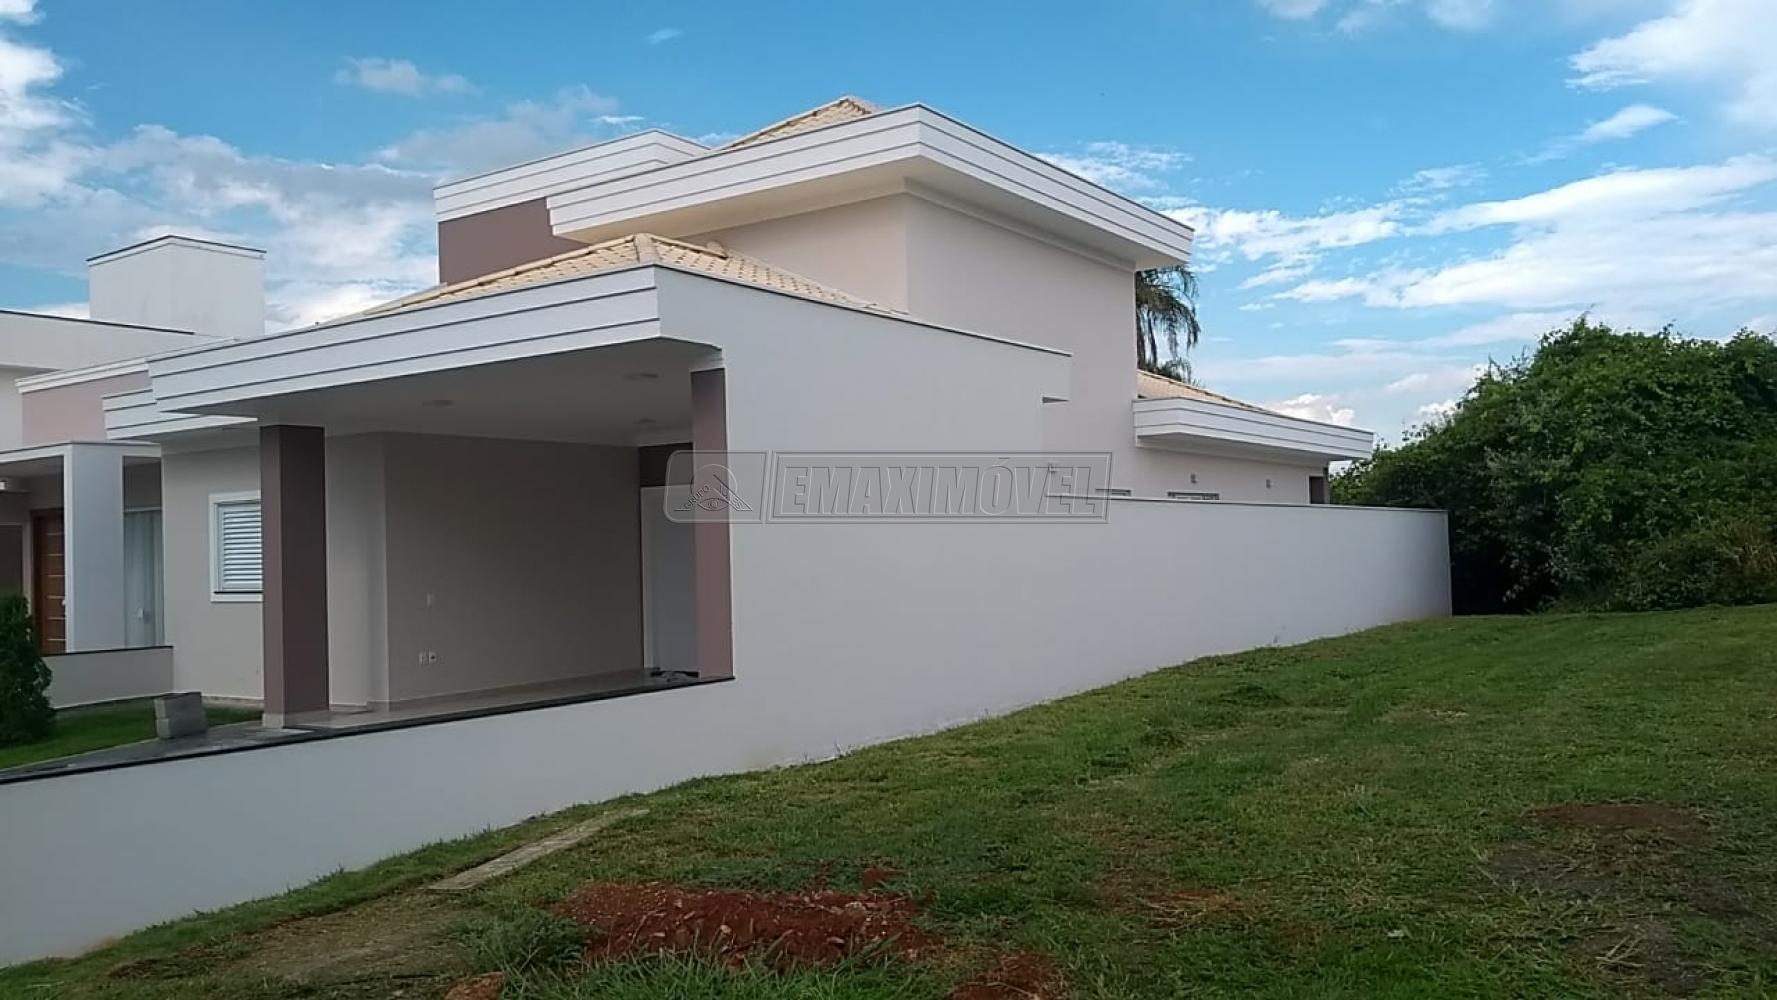 Comprar Casas / em Condomínios em Sorocaba apenas R$ 740.000,00 - Foto 3